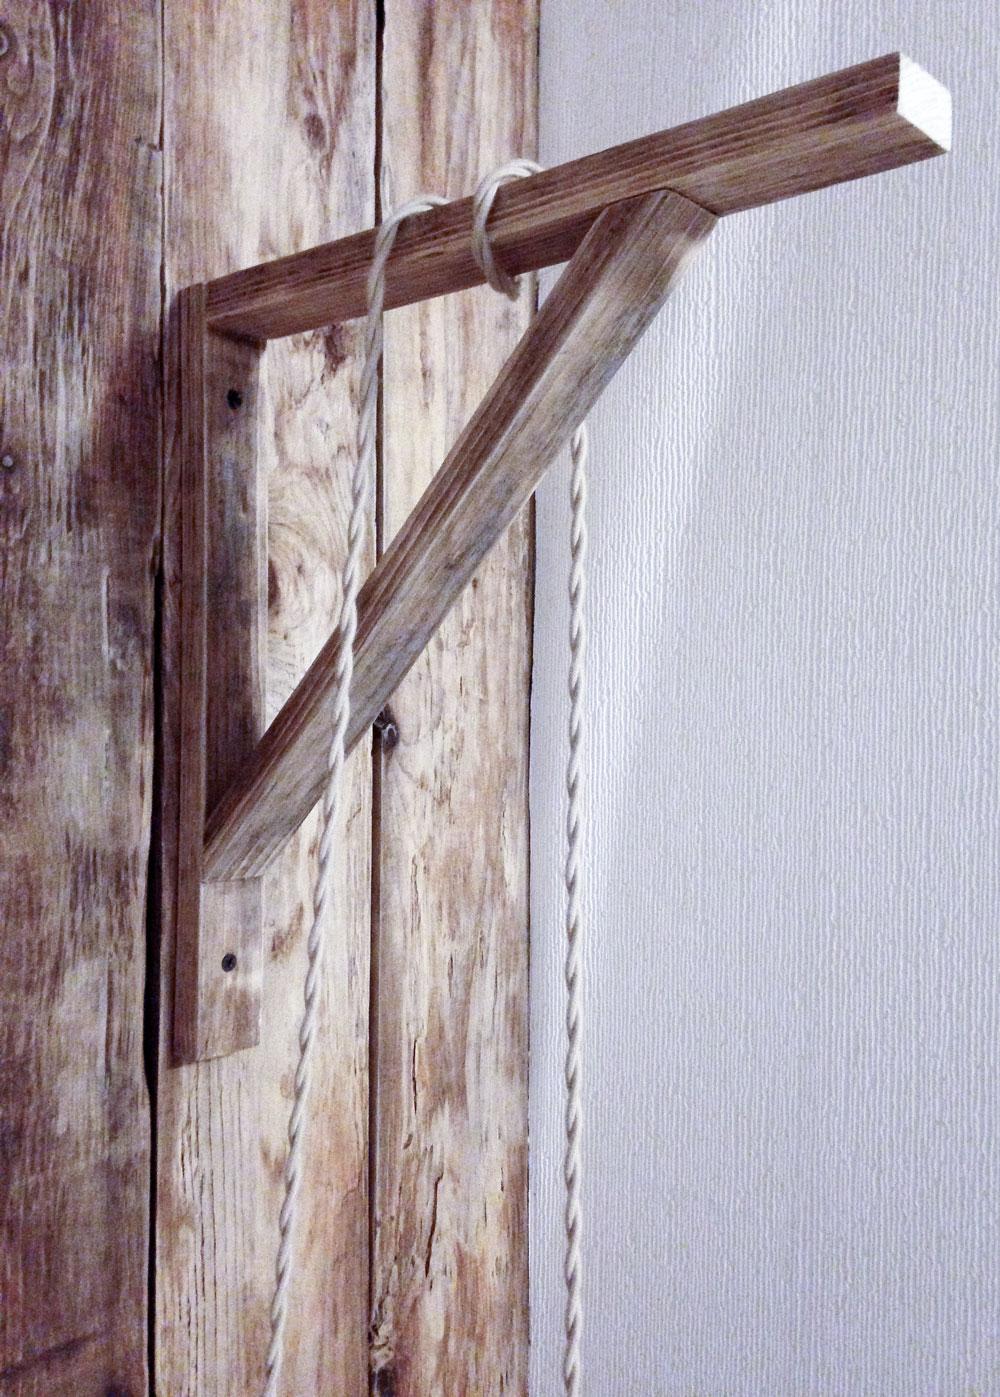 DIY wooden bracket for hanging cage light